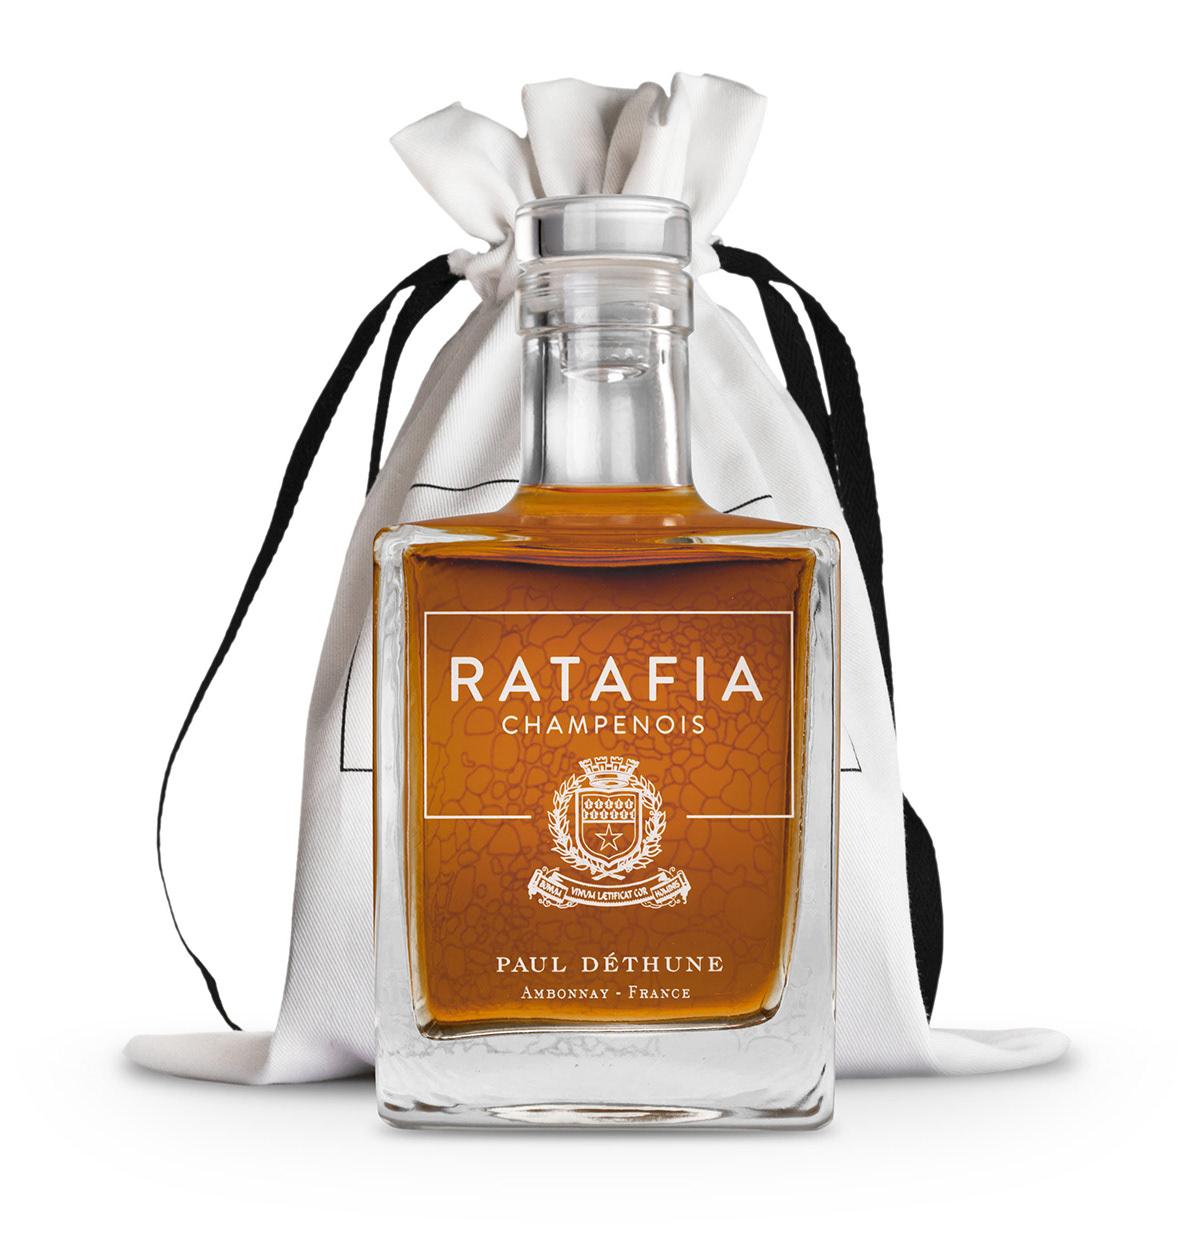 Paul Dethune Ratafia 1